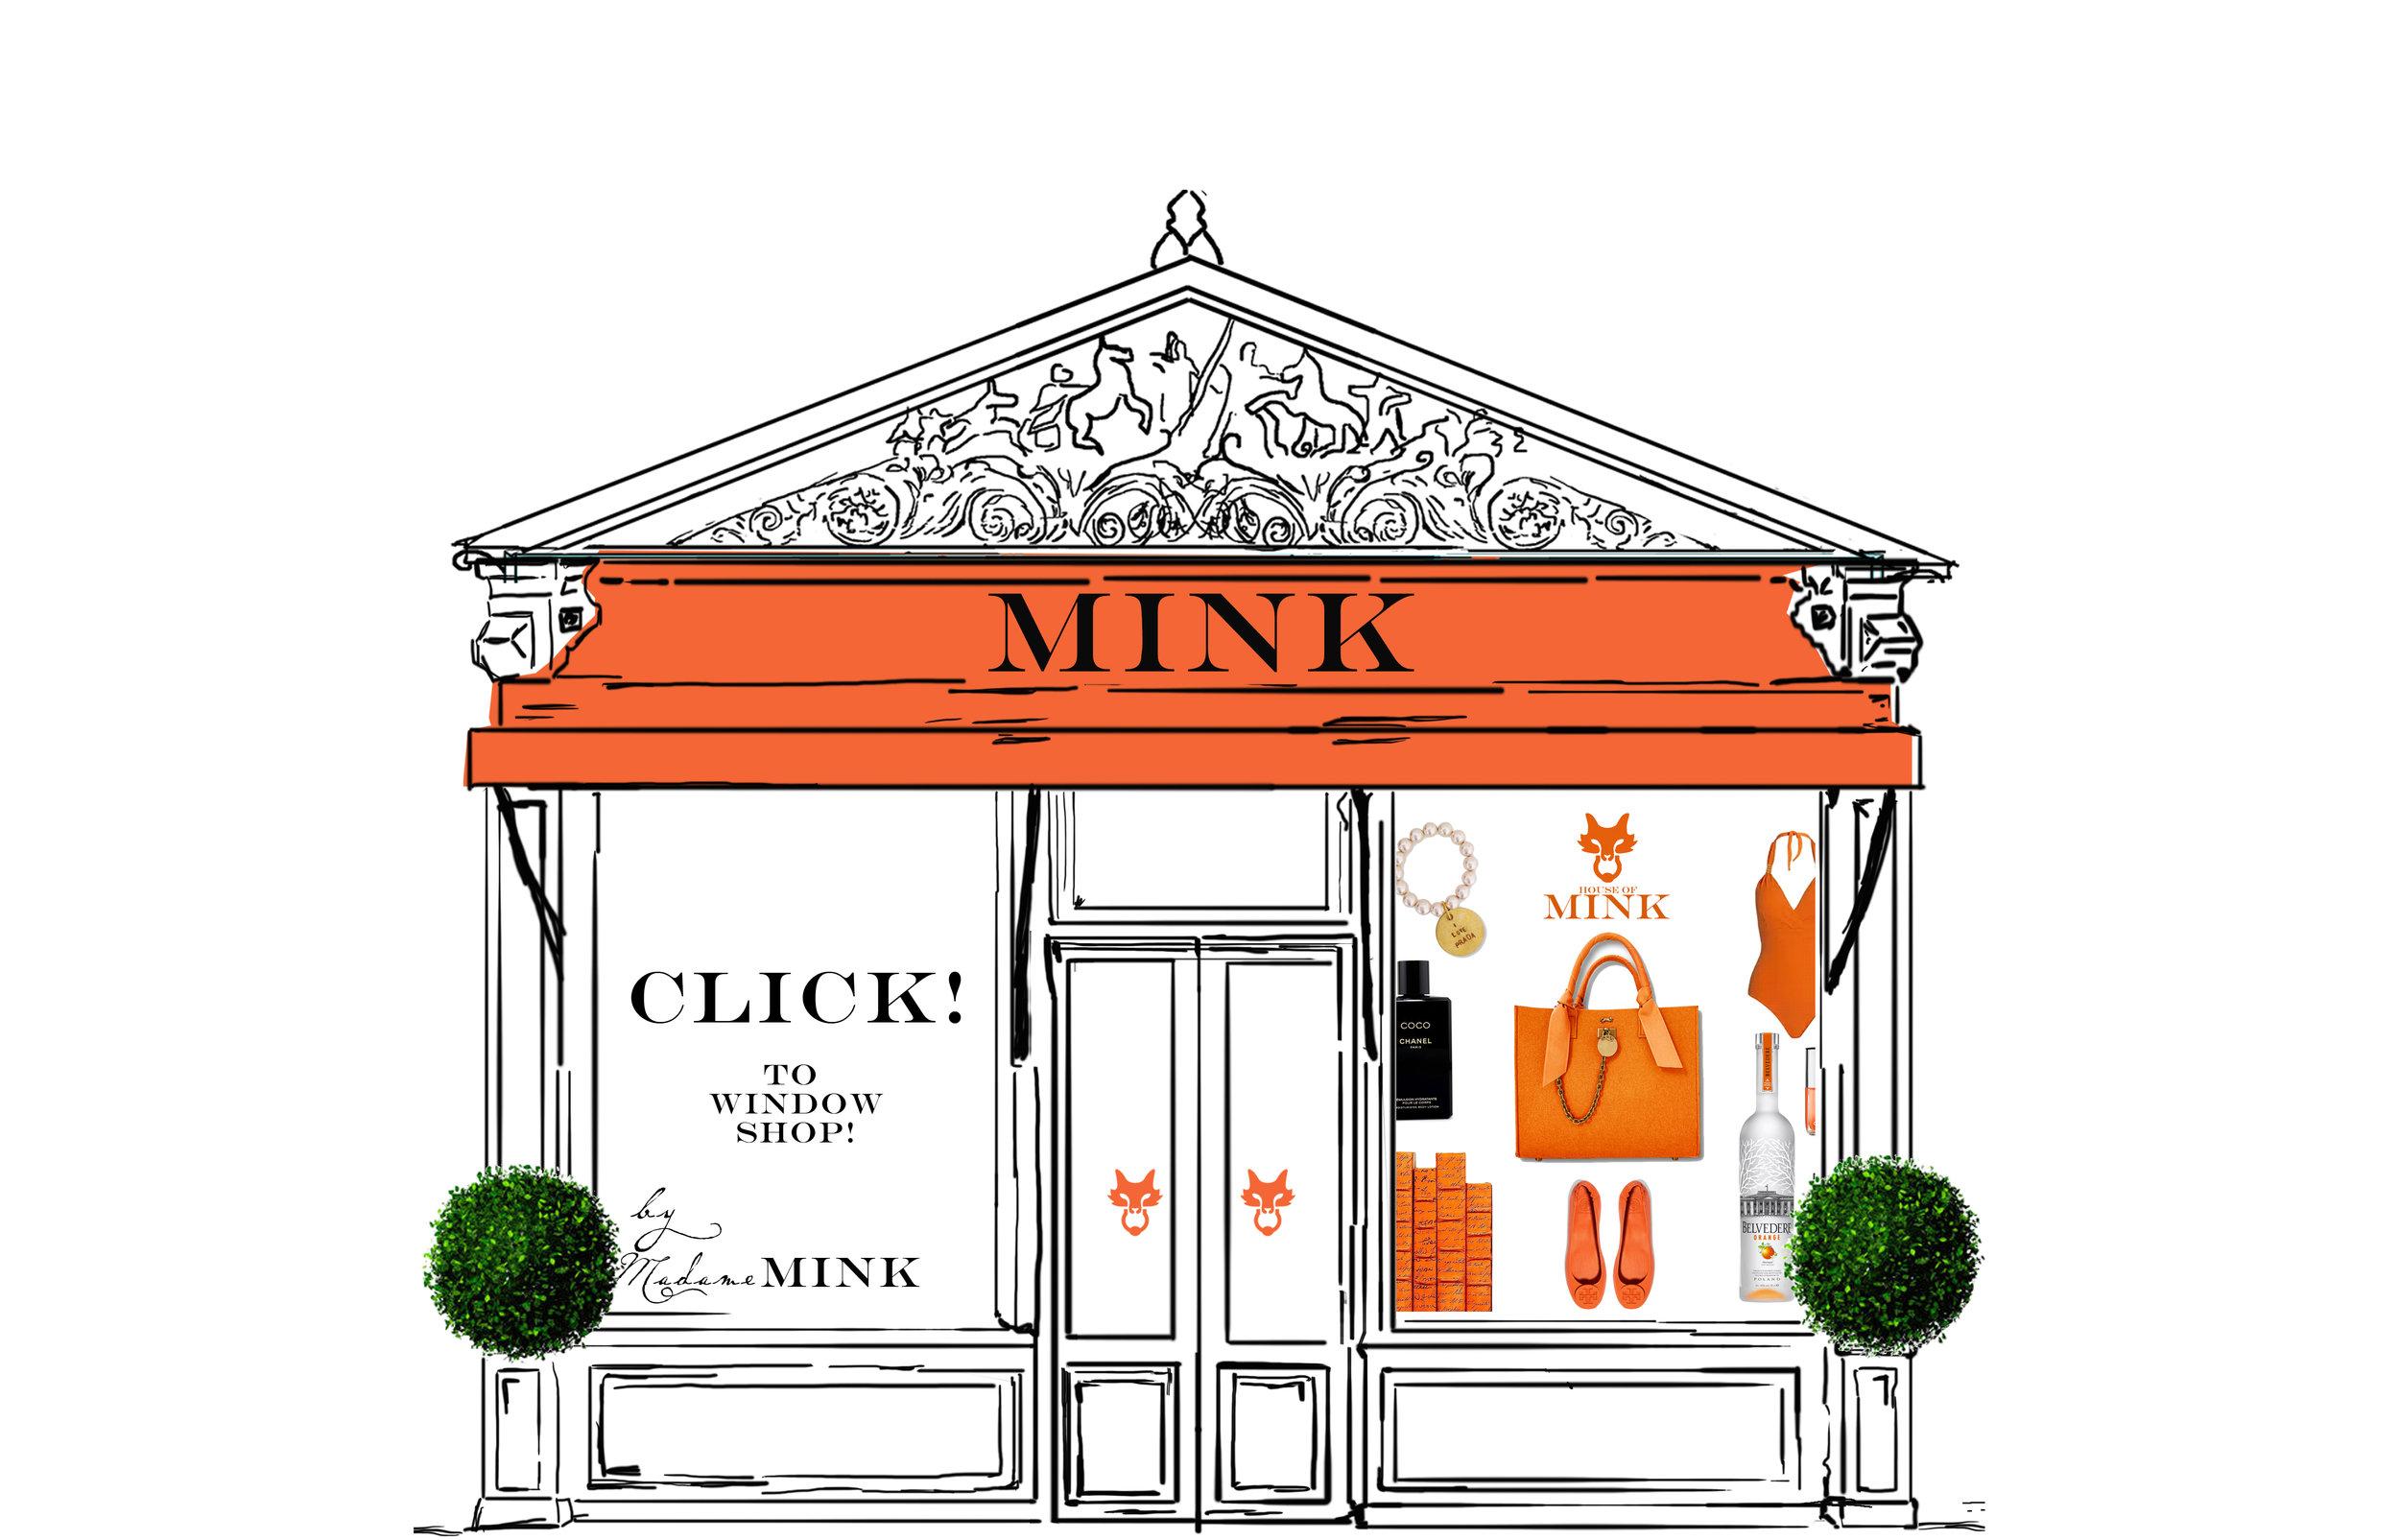 mink_housebuilding12_SHOP1c.jpg